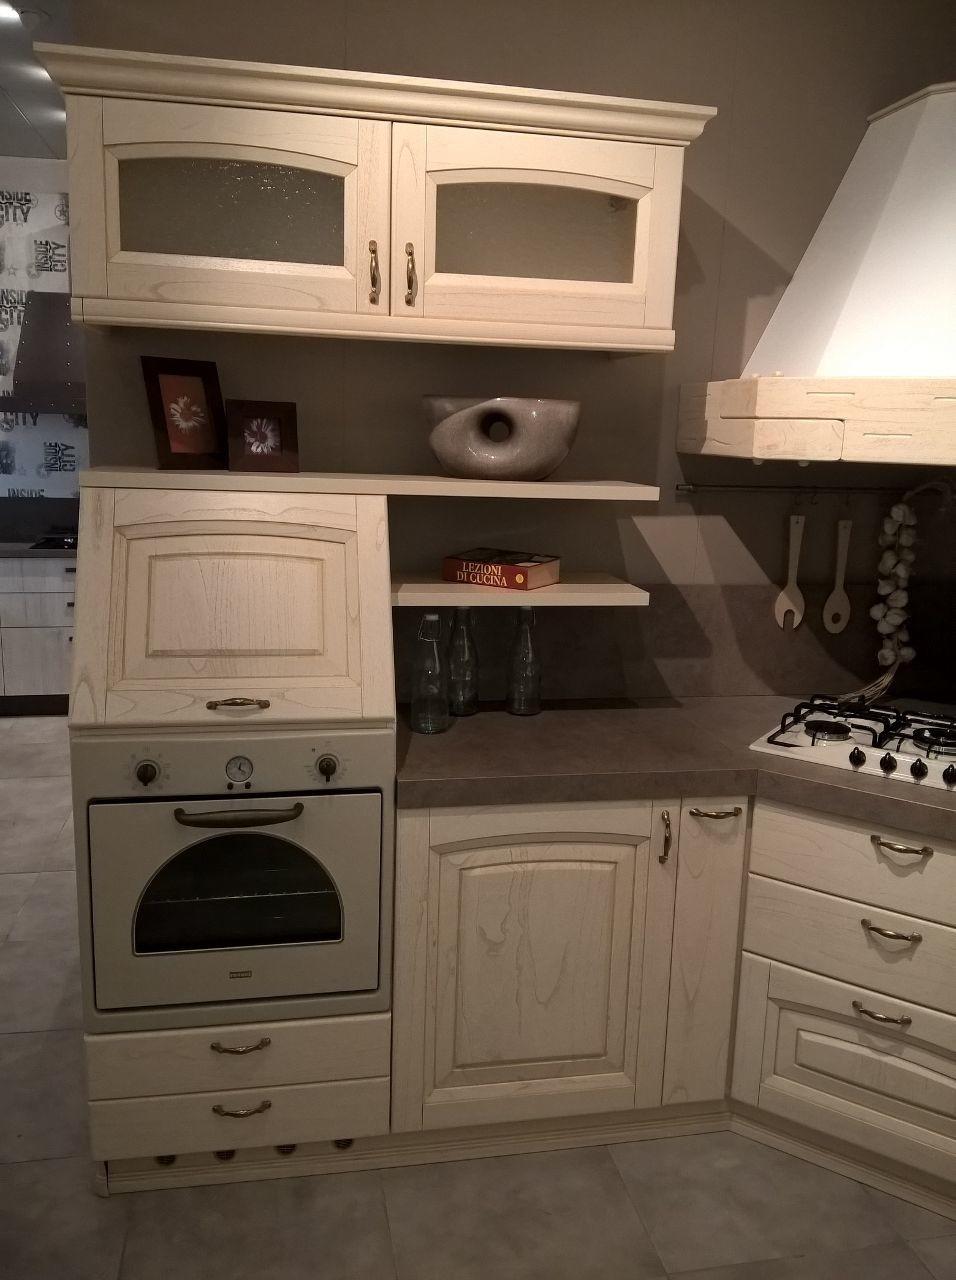 Cucina astra cucine ducale country legno cucine a prezzi - Cucine astra prezzi ...